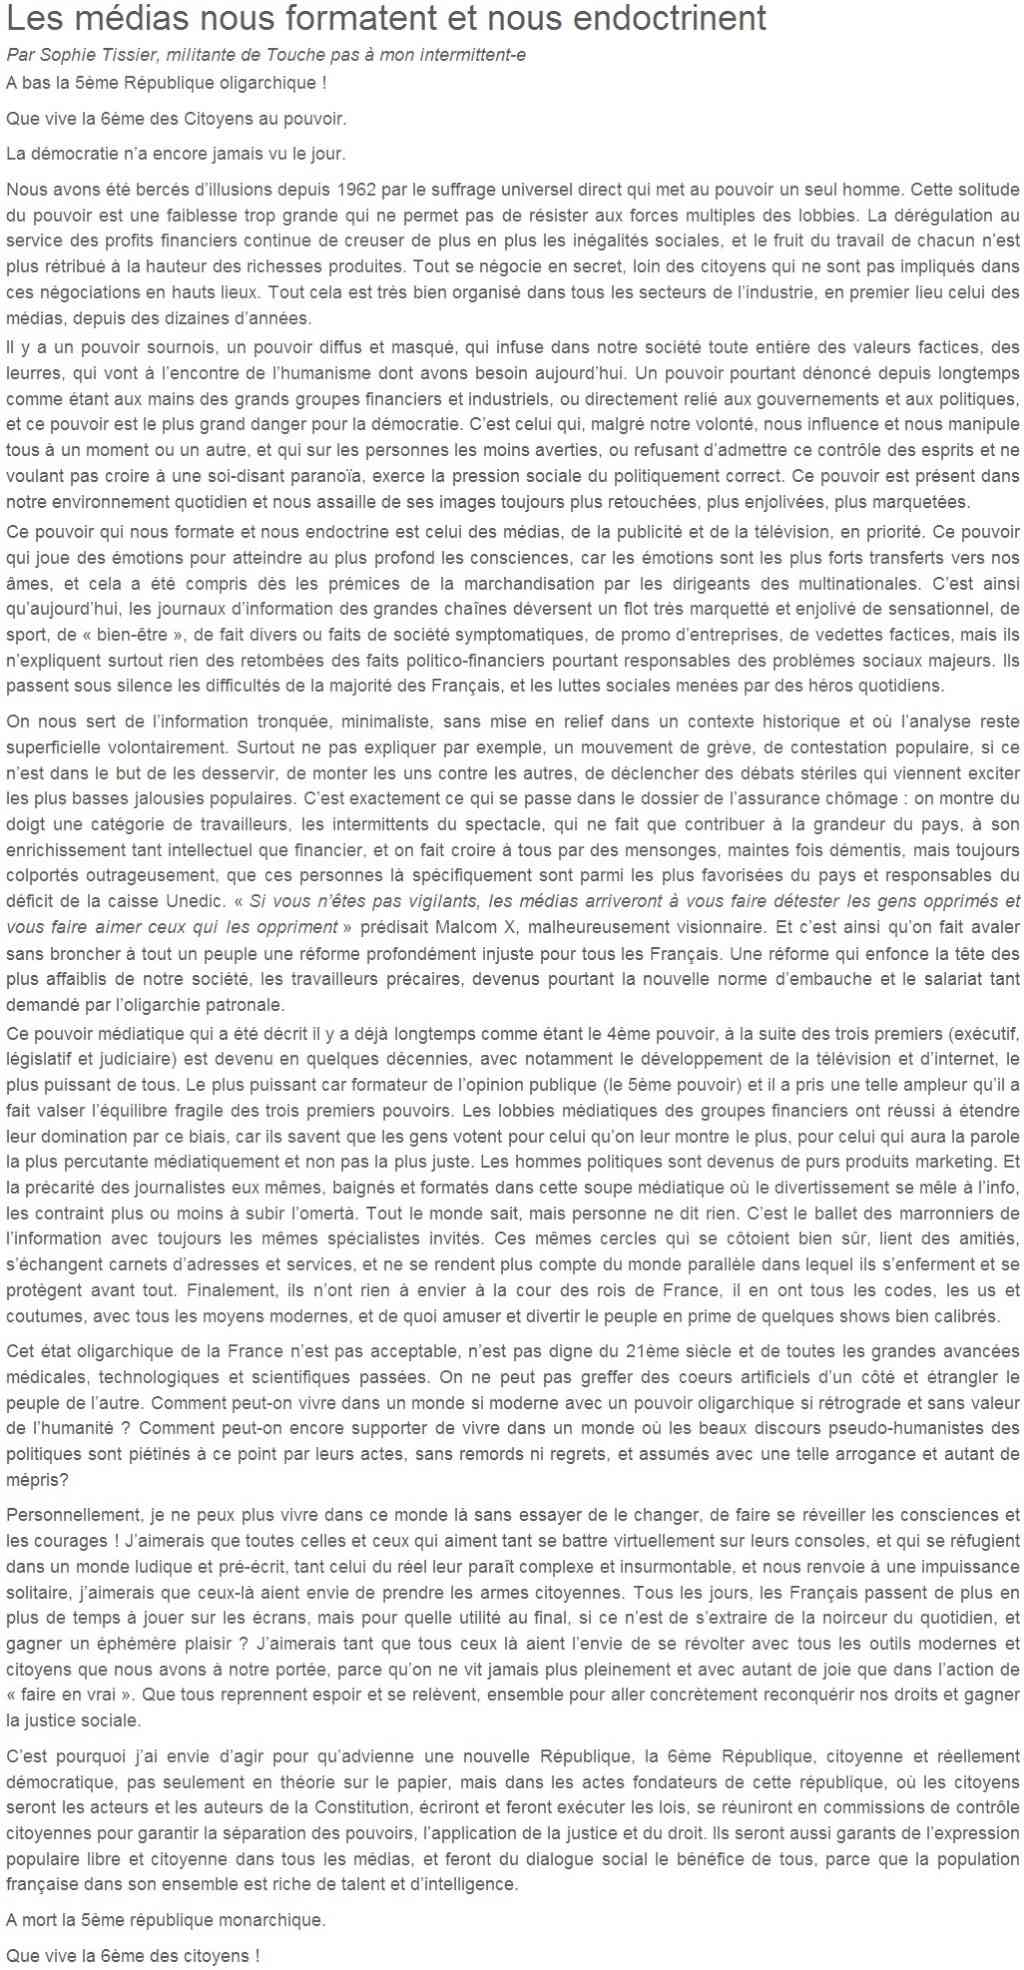 Je signe pour la 6e République + Déclaration de Marie George Buffet + Diverses signatures et appels (politiques, associatifs, intellectuels), signatures collectives (Socialistes affligés, militants PCF, Nouvelle Donne, syndicalistes)  Sophie10